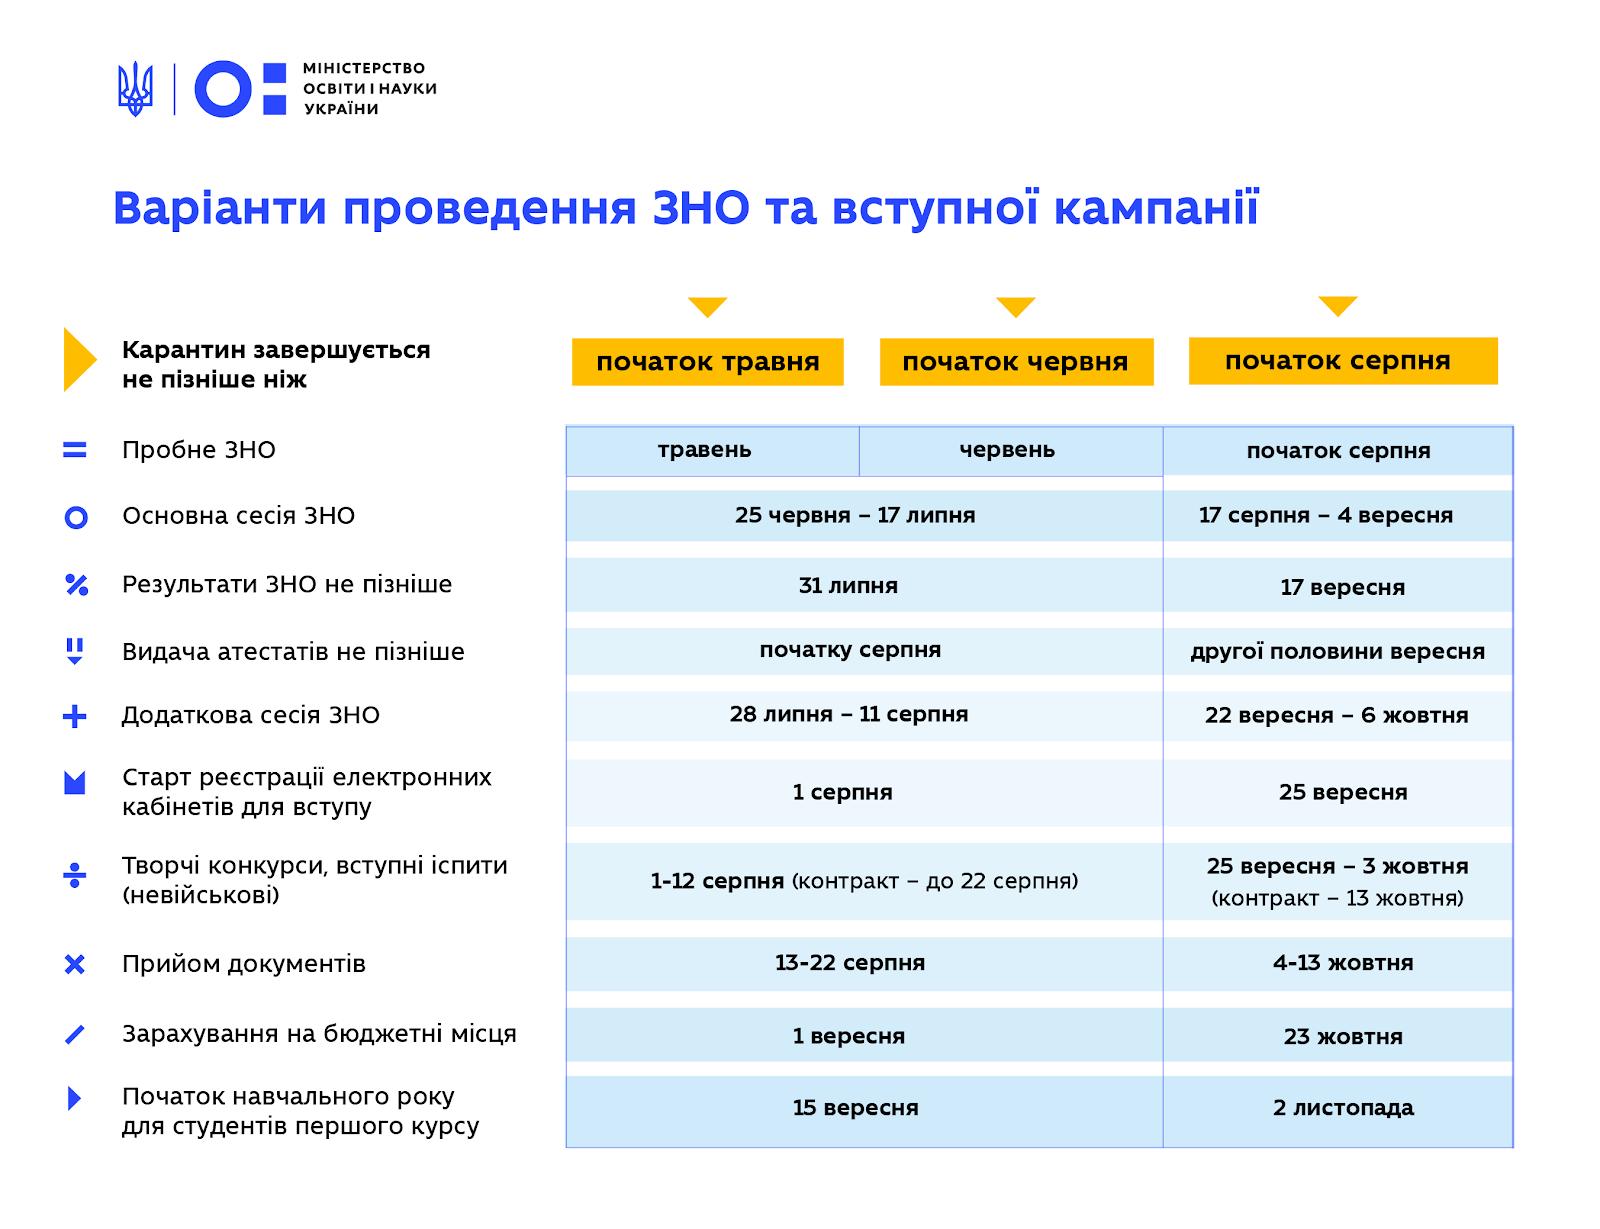 https://mon.gov.ua/storage/app/uploads/public/5e8/1b4/1e5/5e81b41e55f95795845358.png